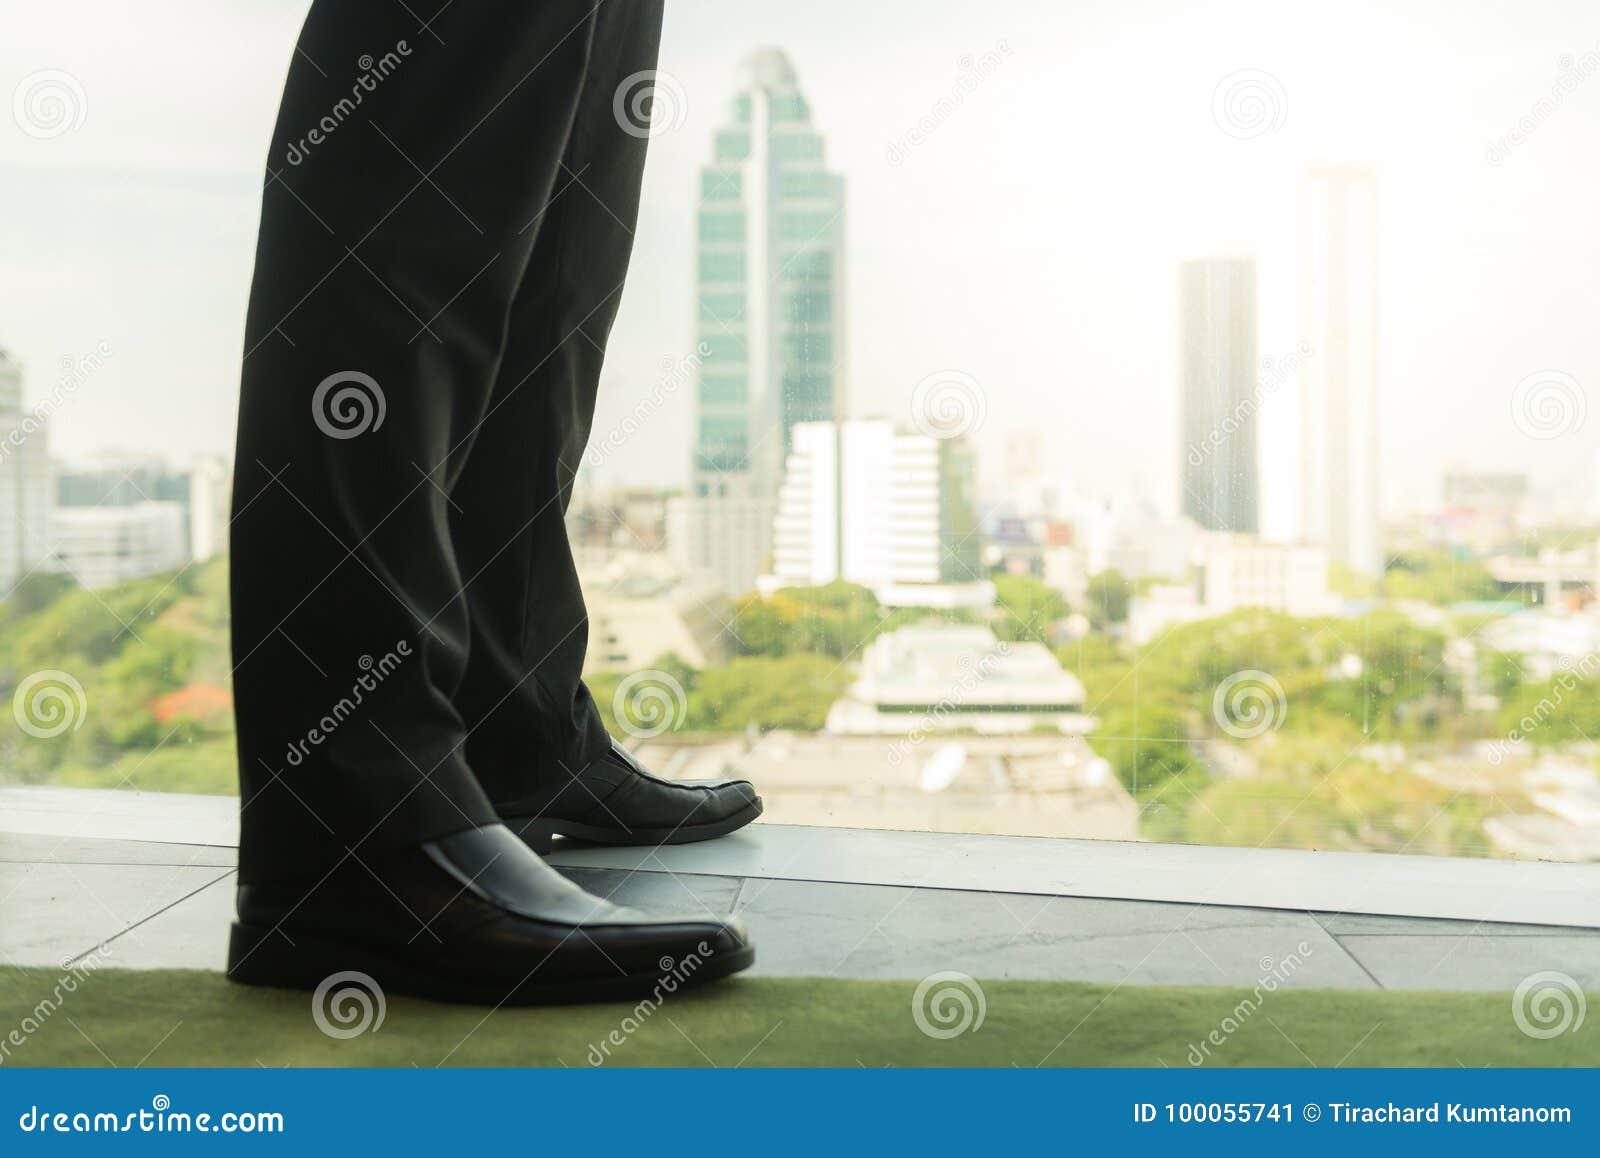 Pełny długość plecy widok pomyślny biznesmen w kostium pozyci w biurze z rękami na jego talii